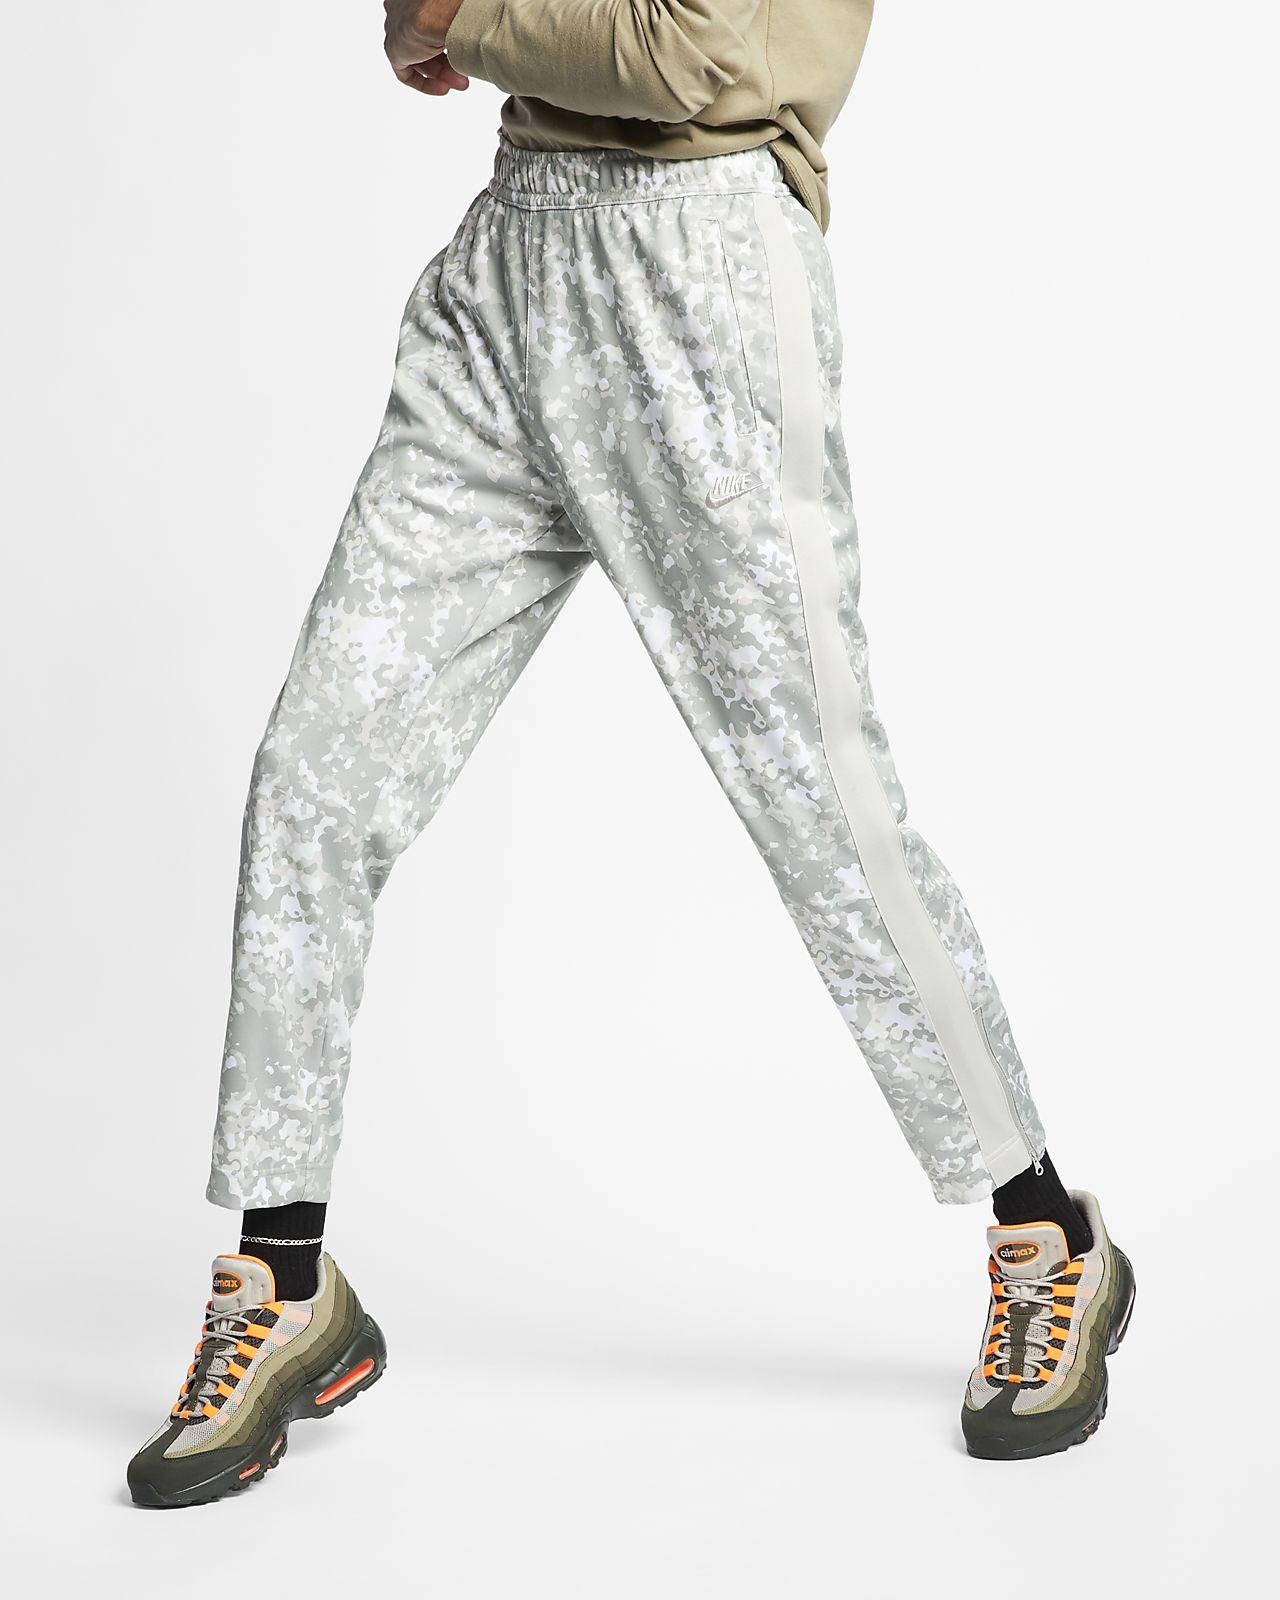 Nike Sportswear Men's Camo Pants